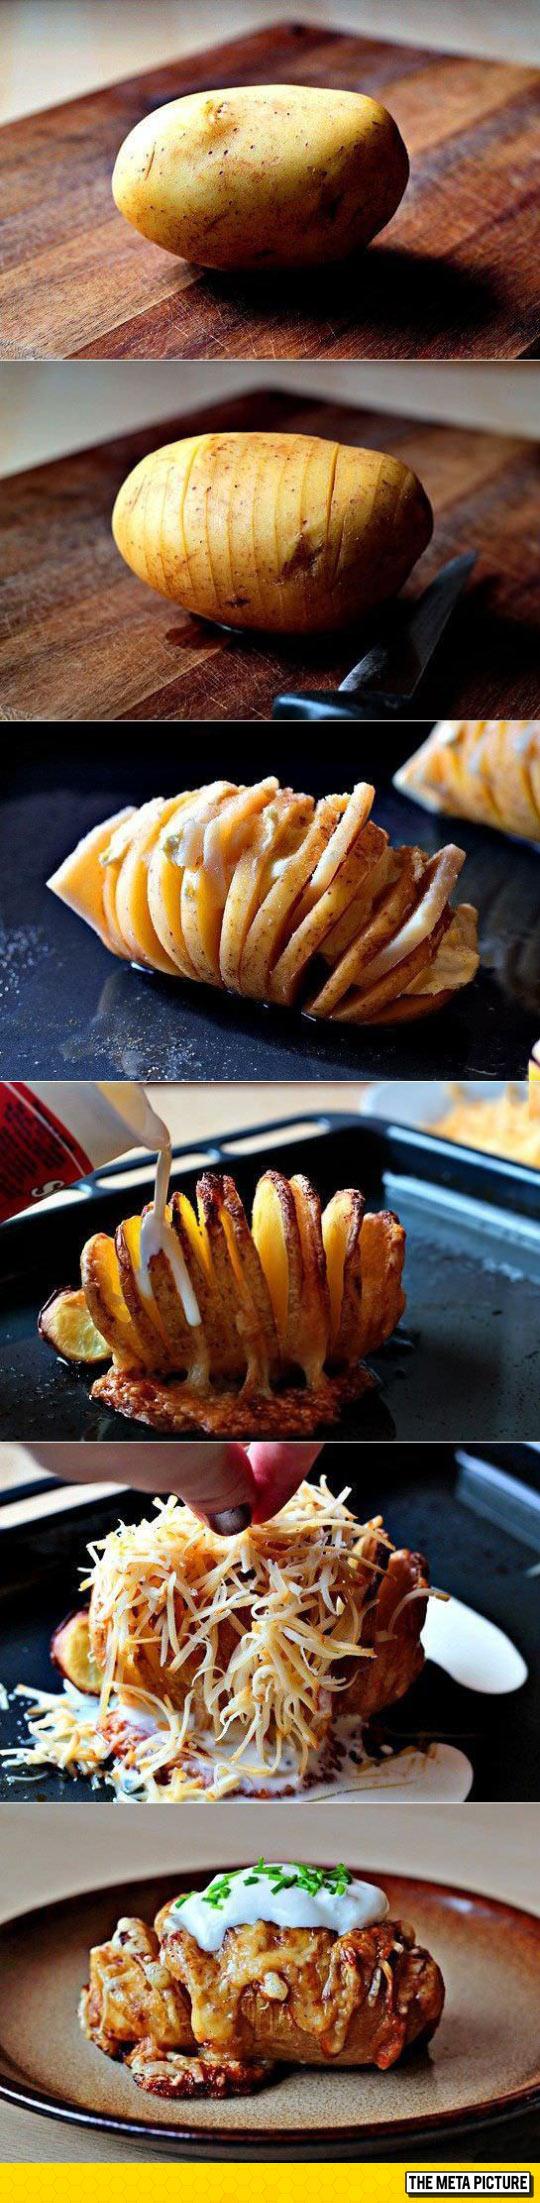 Incredible Delicious Baked Potato